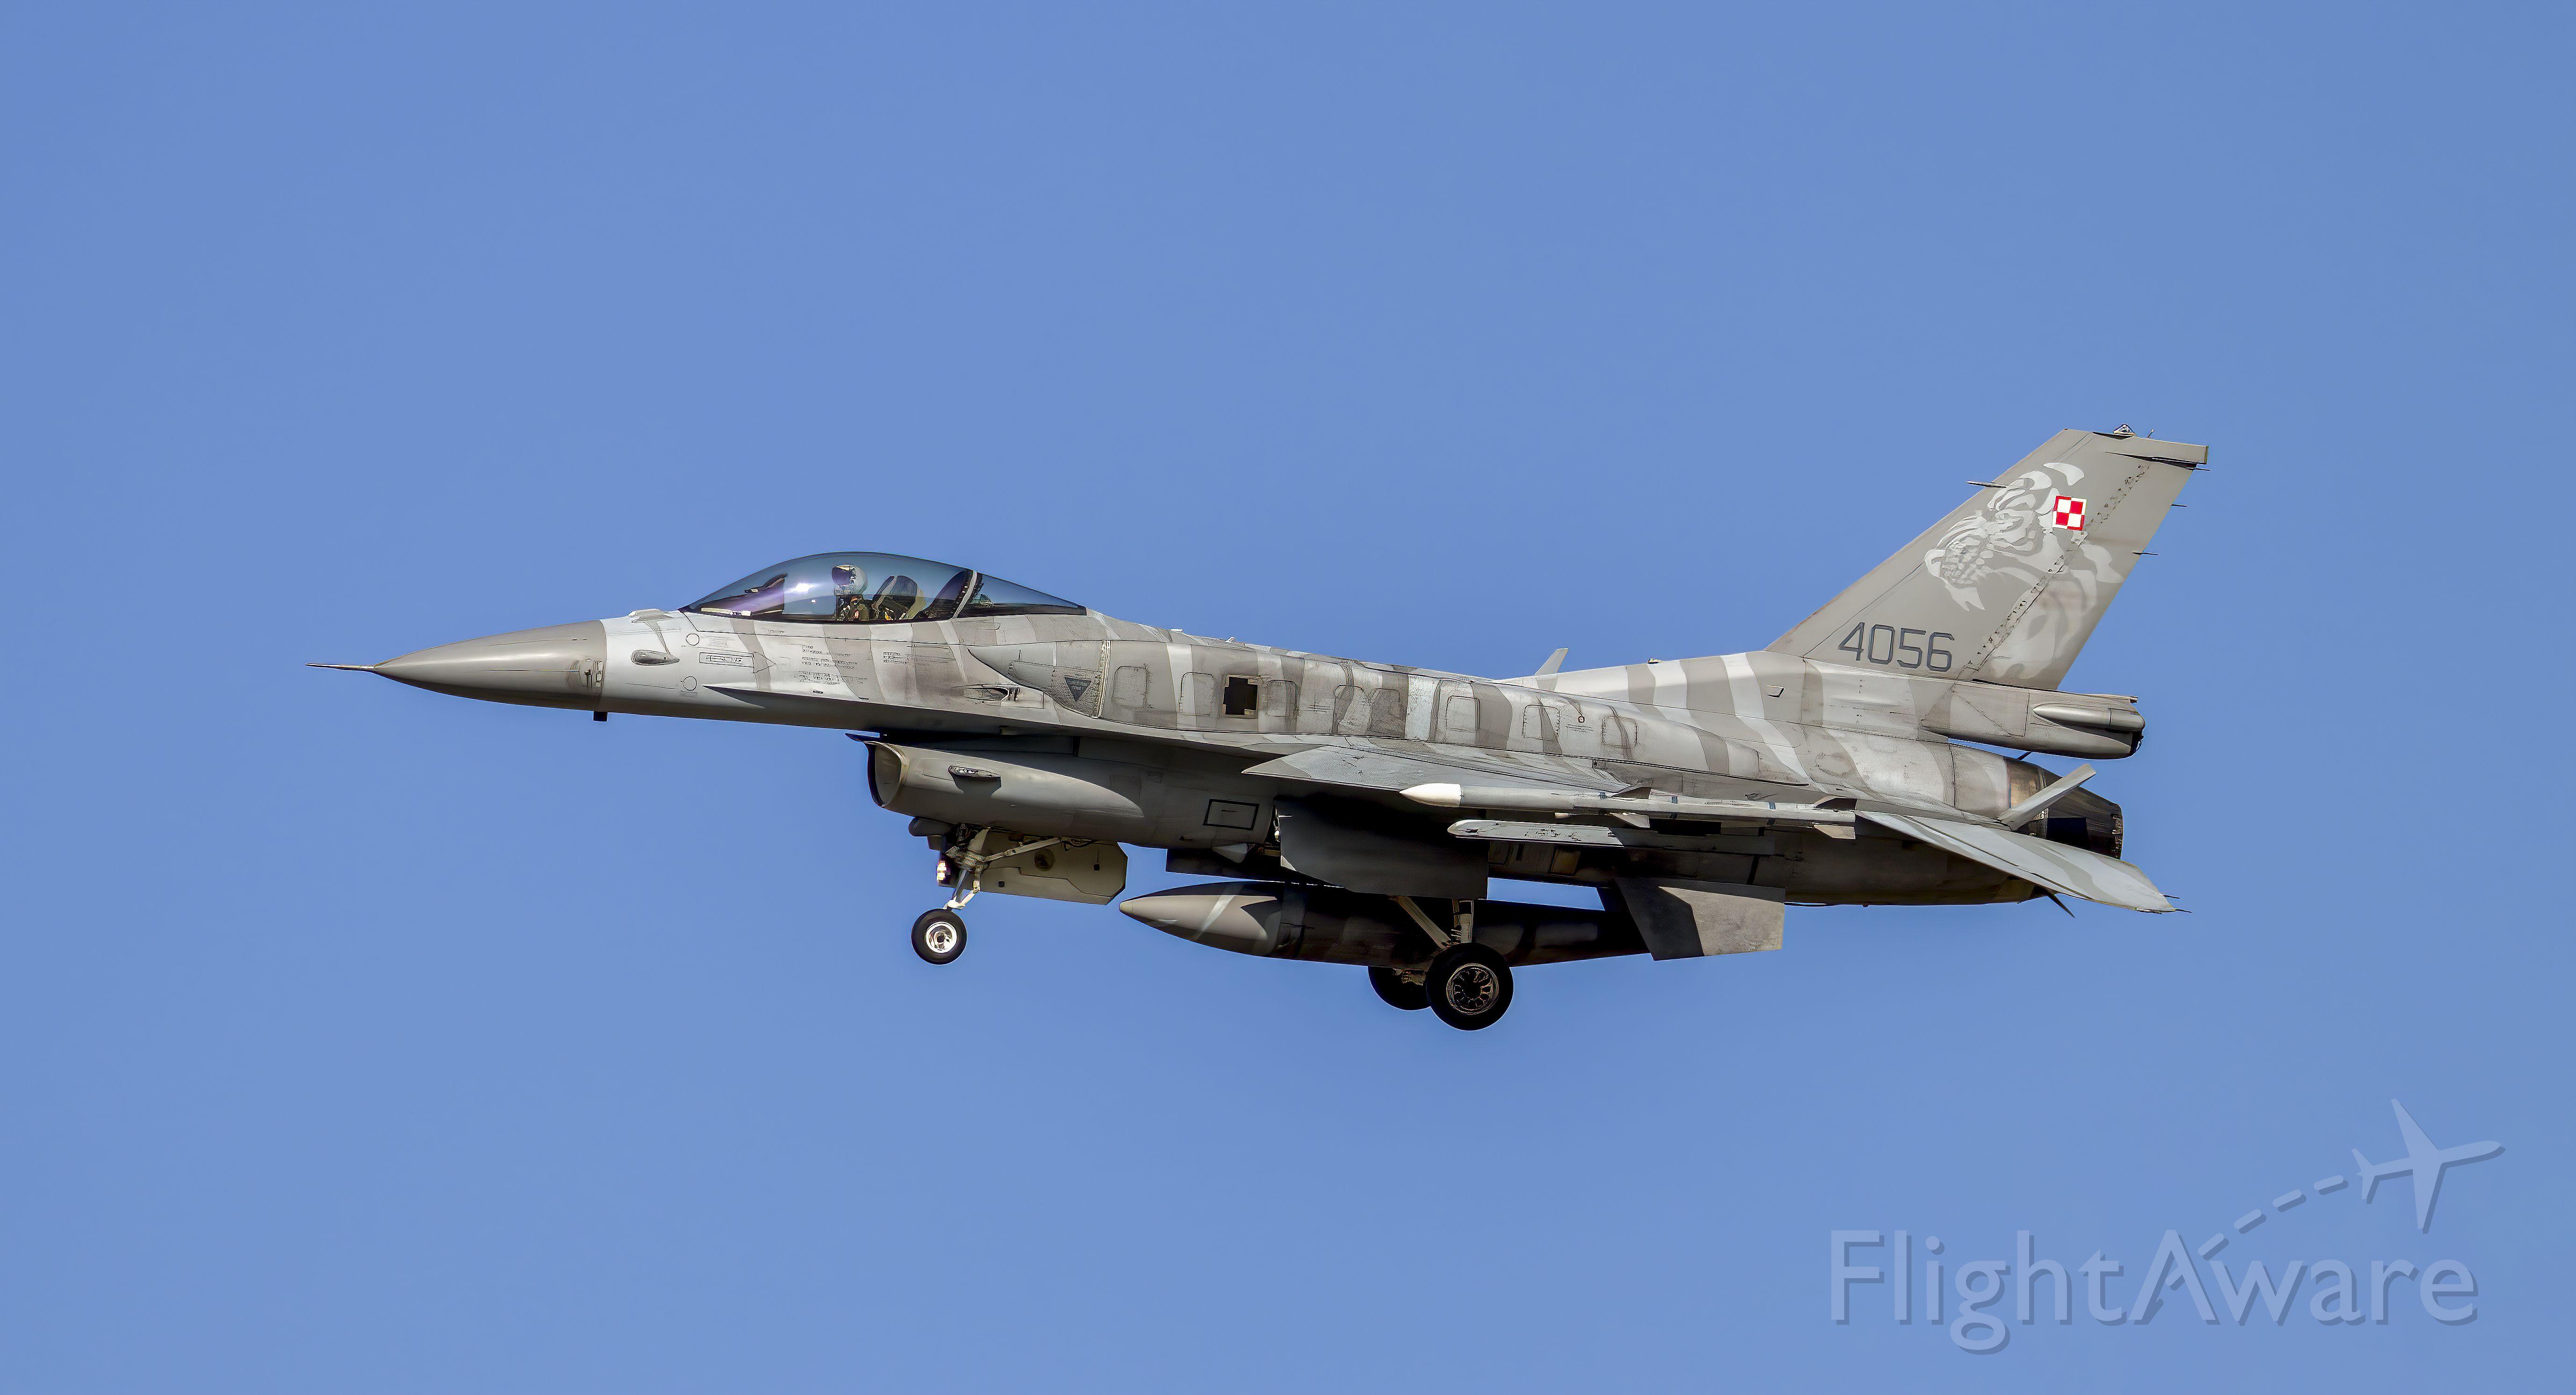 Lockheed F-16 Fighting Falcon (N4056)